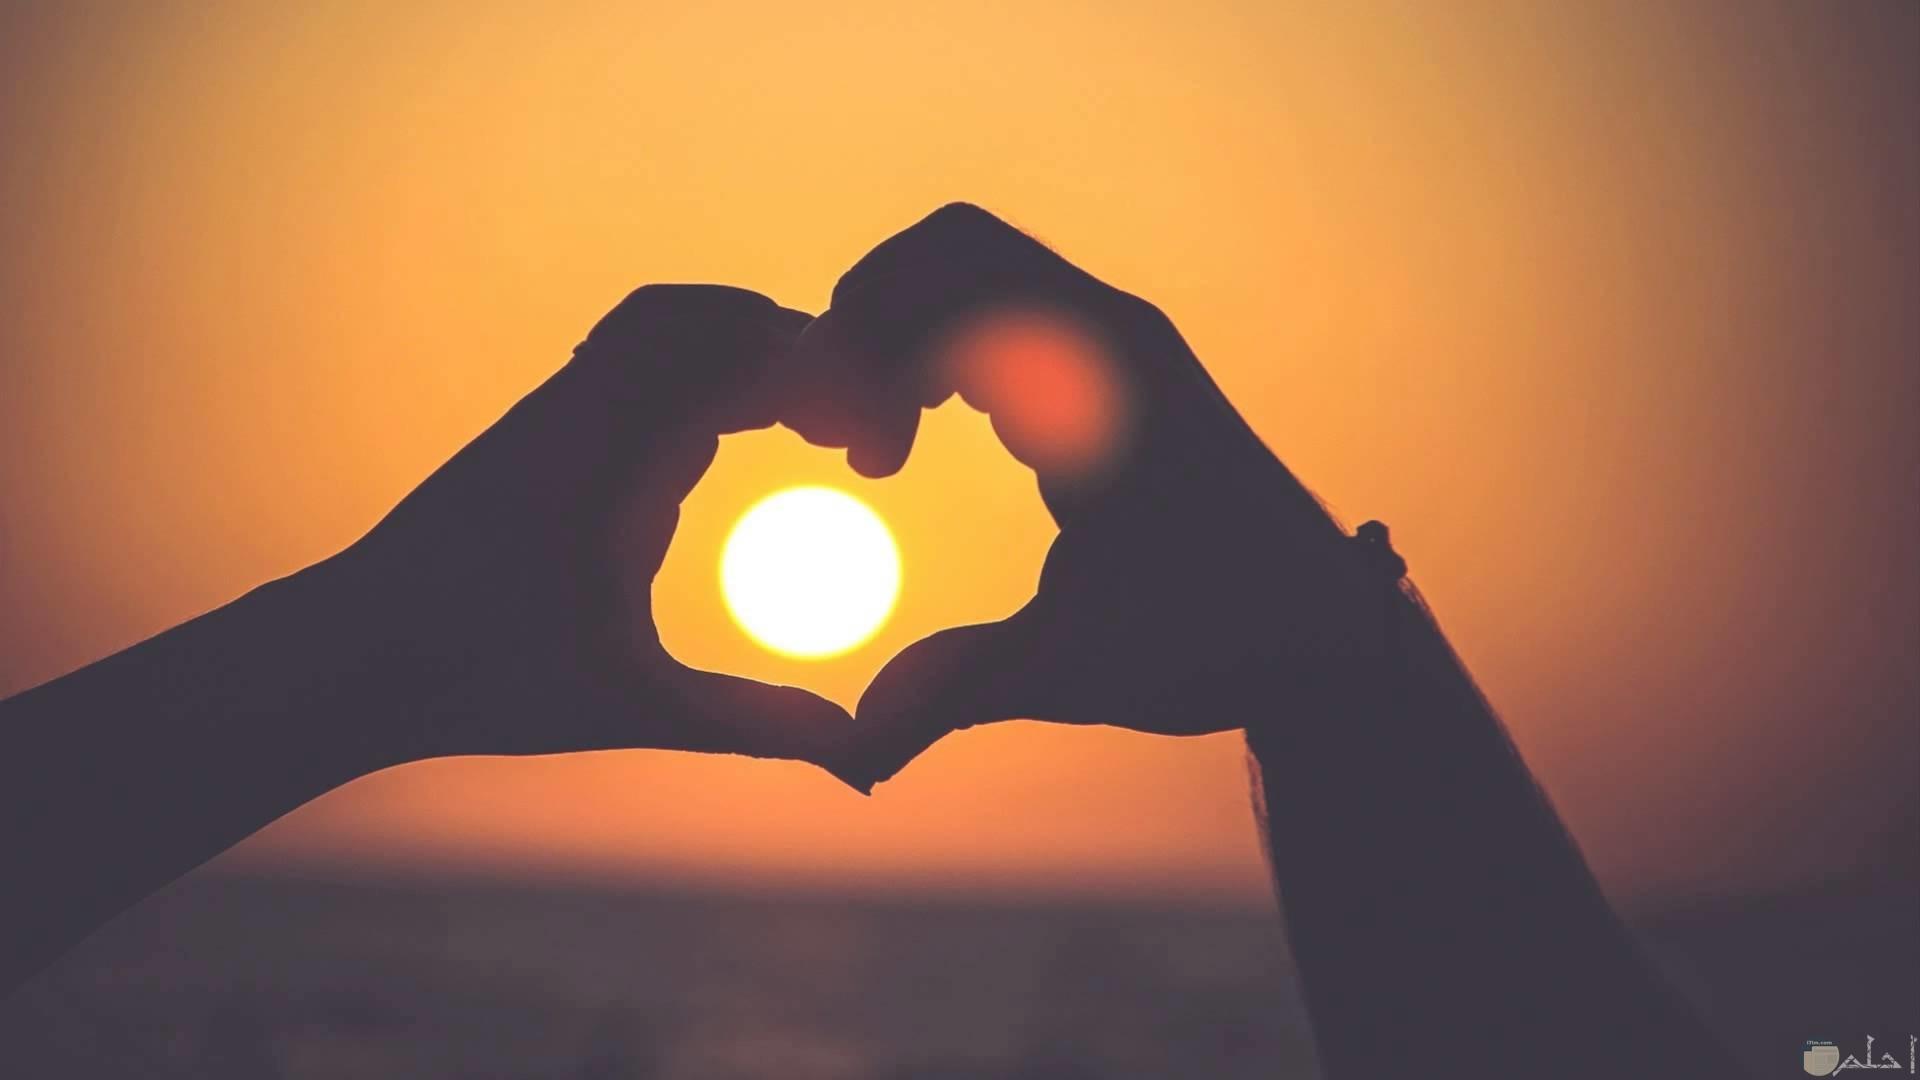 القلب مع غروب الشمس